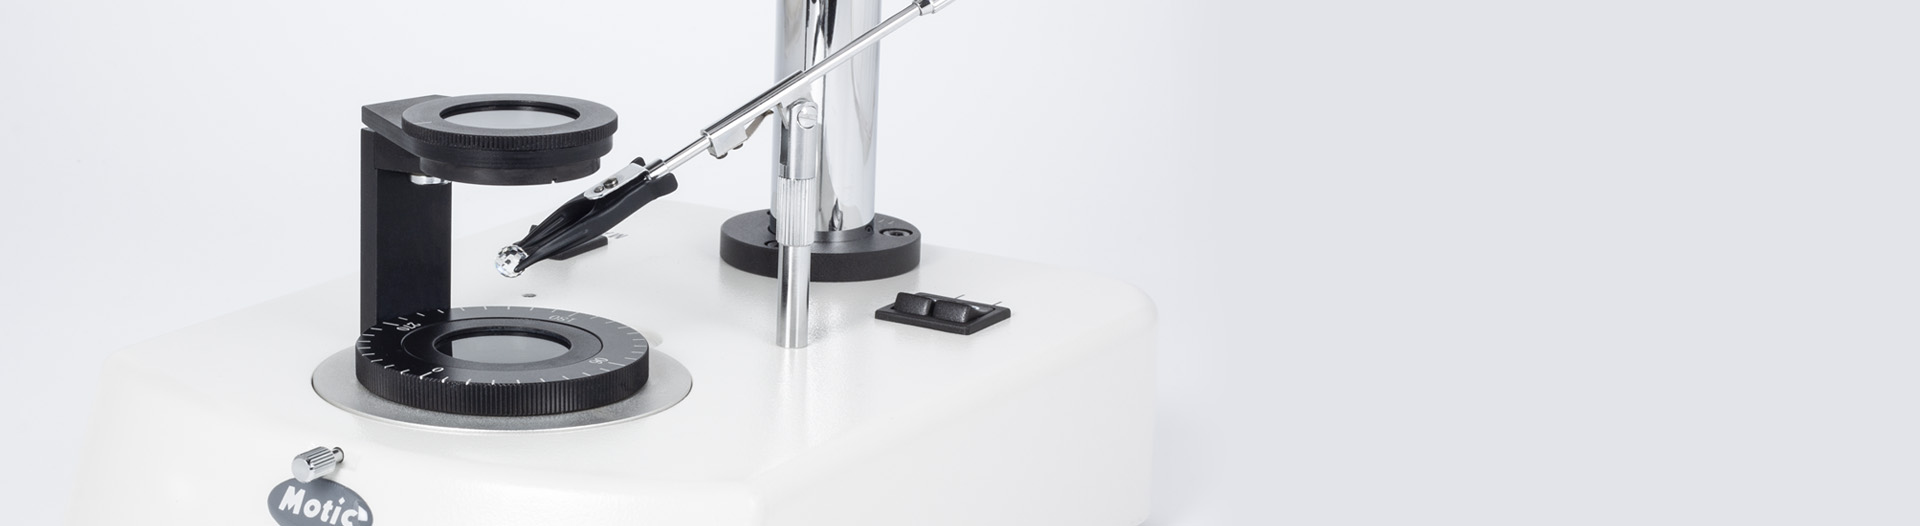 SMZ140 microscope Contrast Methods